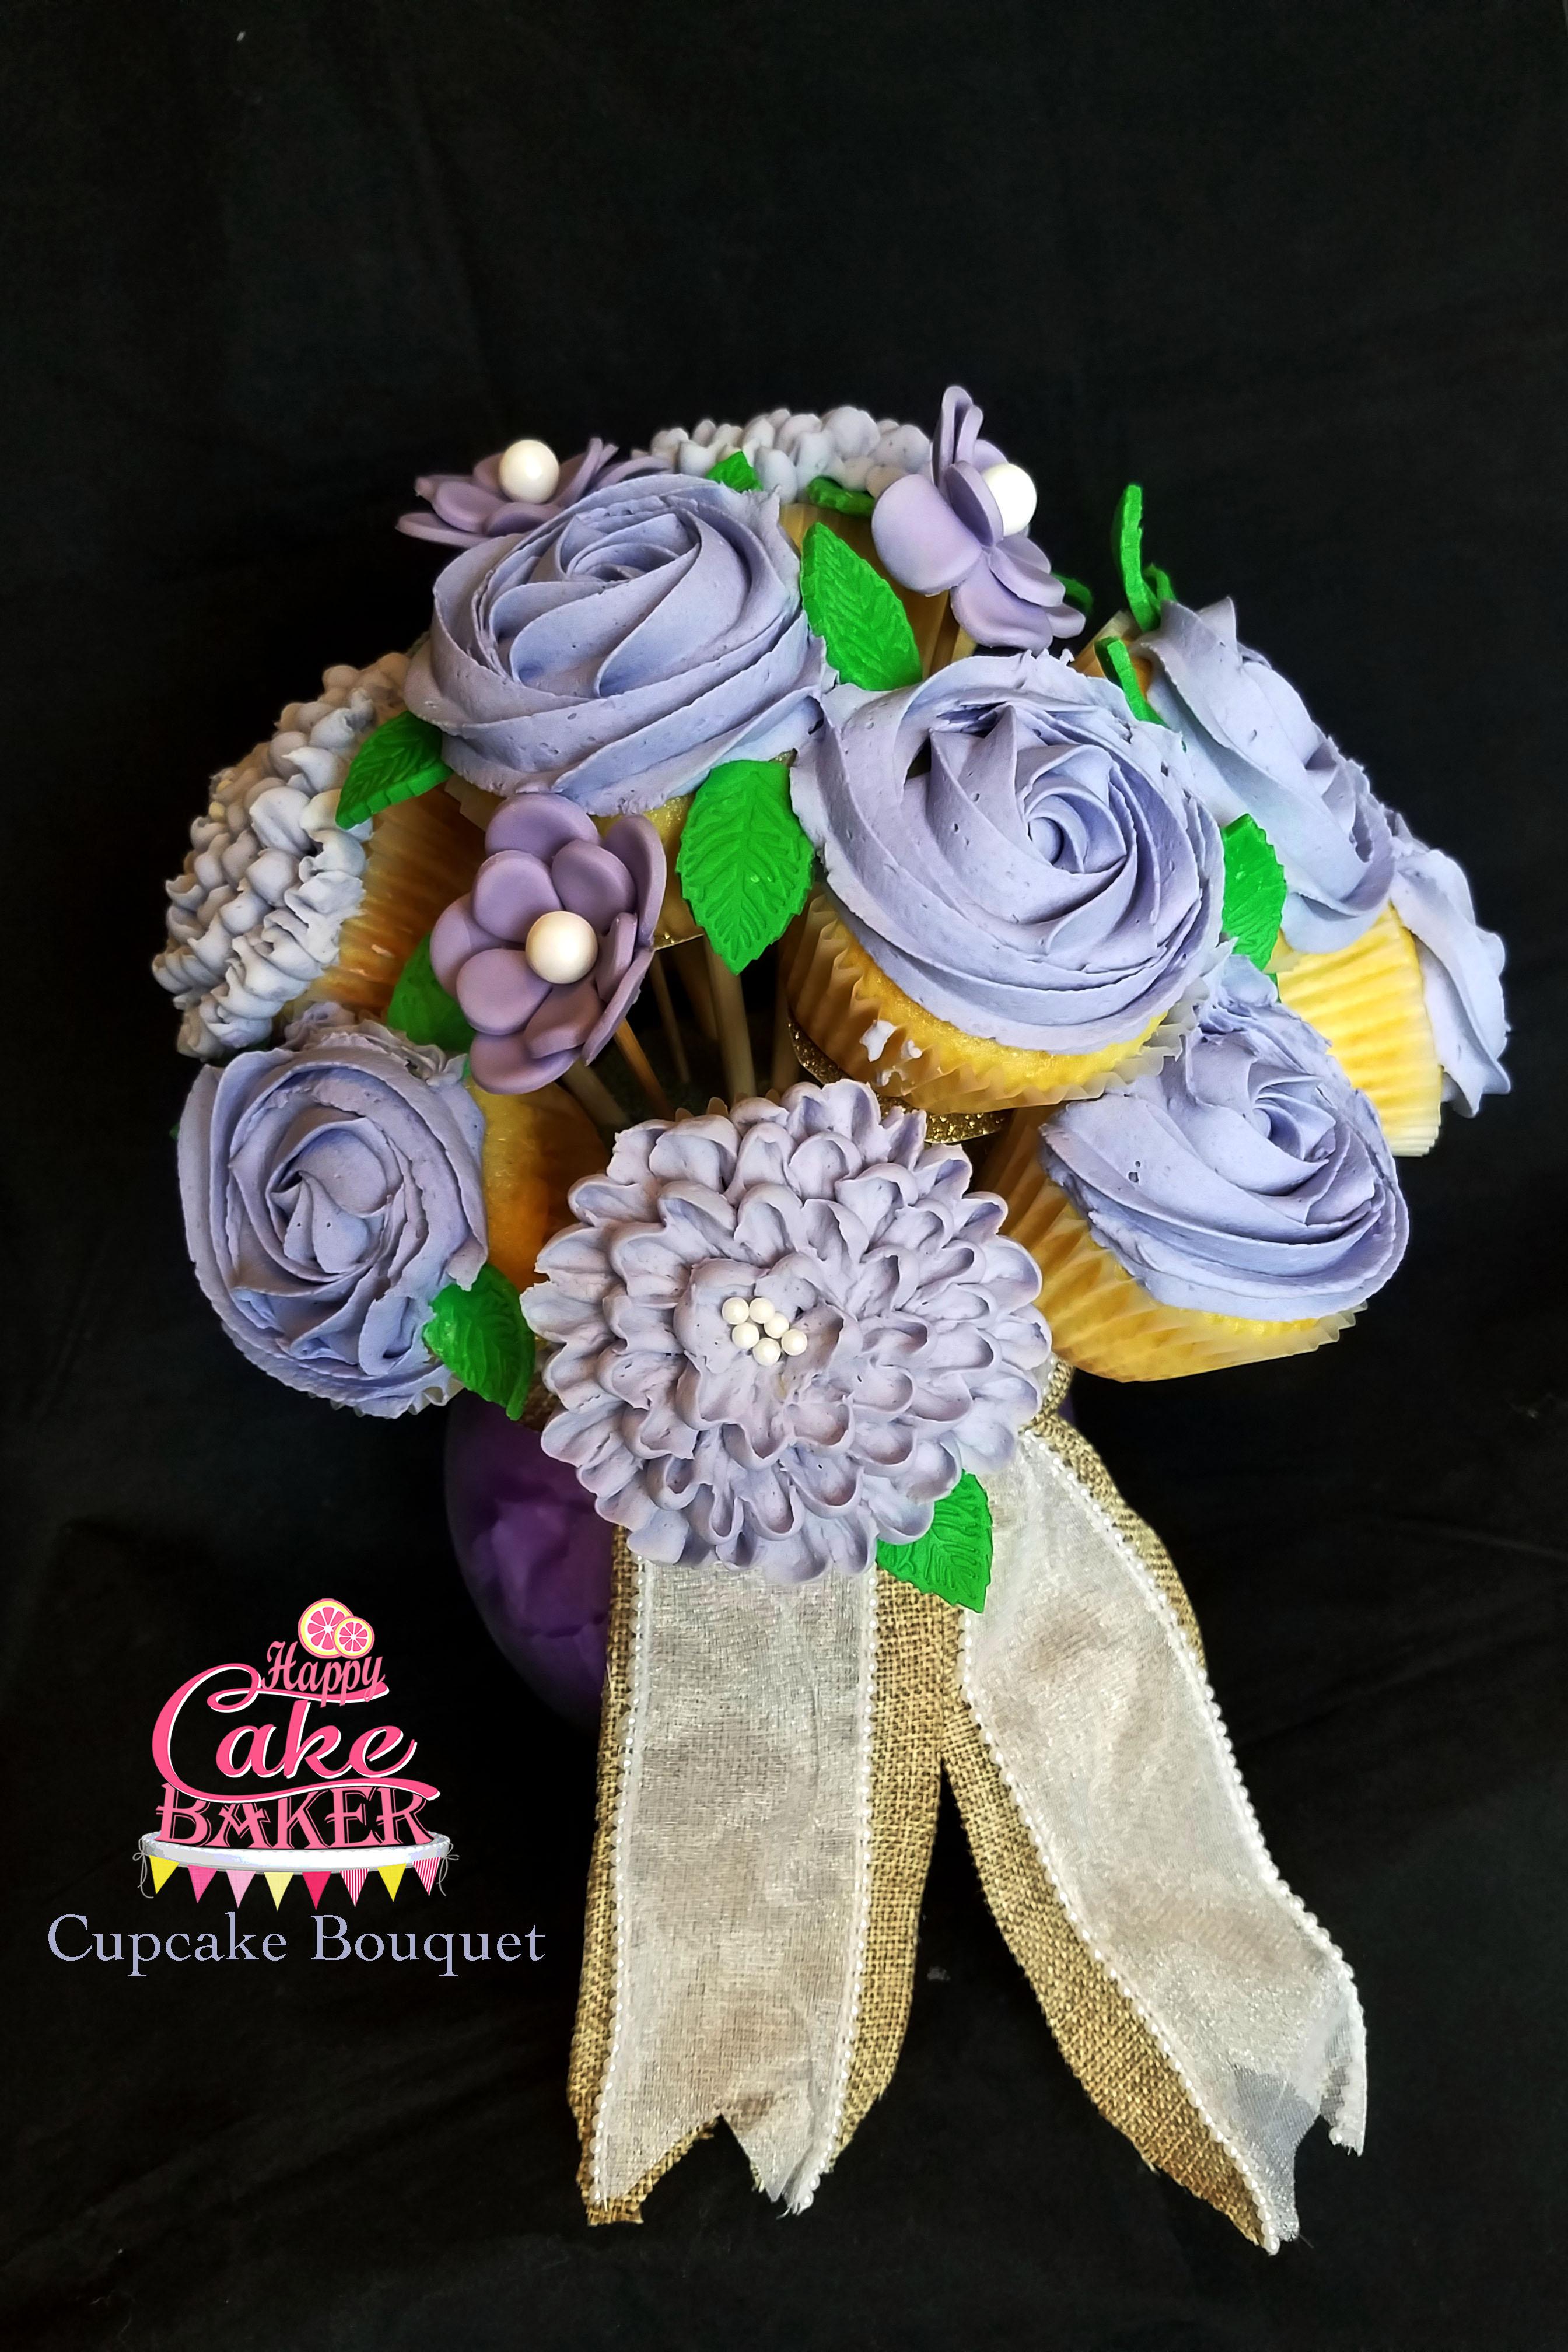 CupcakeBouquetWeb